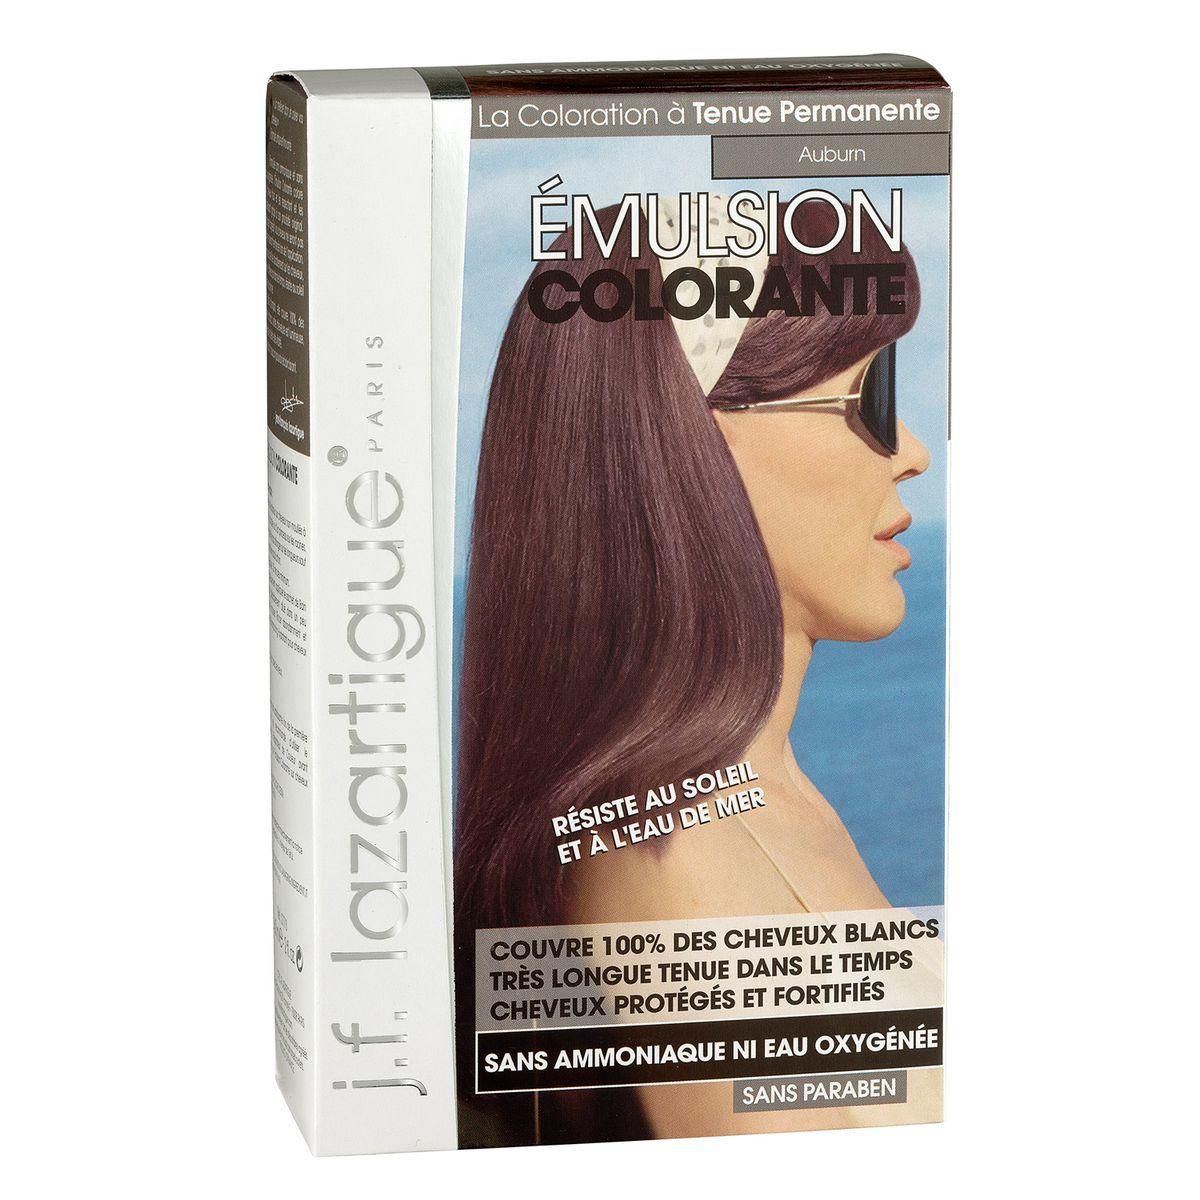 J.F.Lazartigue Оттеночная эмульсия для волос Рыжий 60 мл01713Благодаря оригинальной формуле полностью (на 100%) скрывает седину, длительное время сохраняет цвет, поддерживает здоровье и жизненную силу волос и сохраняет эти качества, несмотря на воздействие солнечных лучей, морской воды и прочих неблагоприятных экологических факторов. Не осветляет, не повреждает, а укрепляет волосы. Не содержит аммиака, перекиси водорода и парабенов. Не предназначена для окрашивания бровей и ресниц.